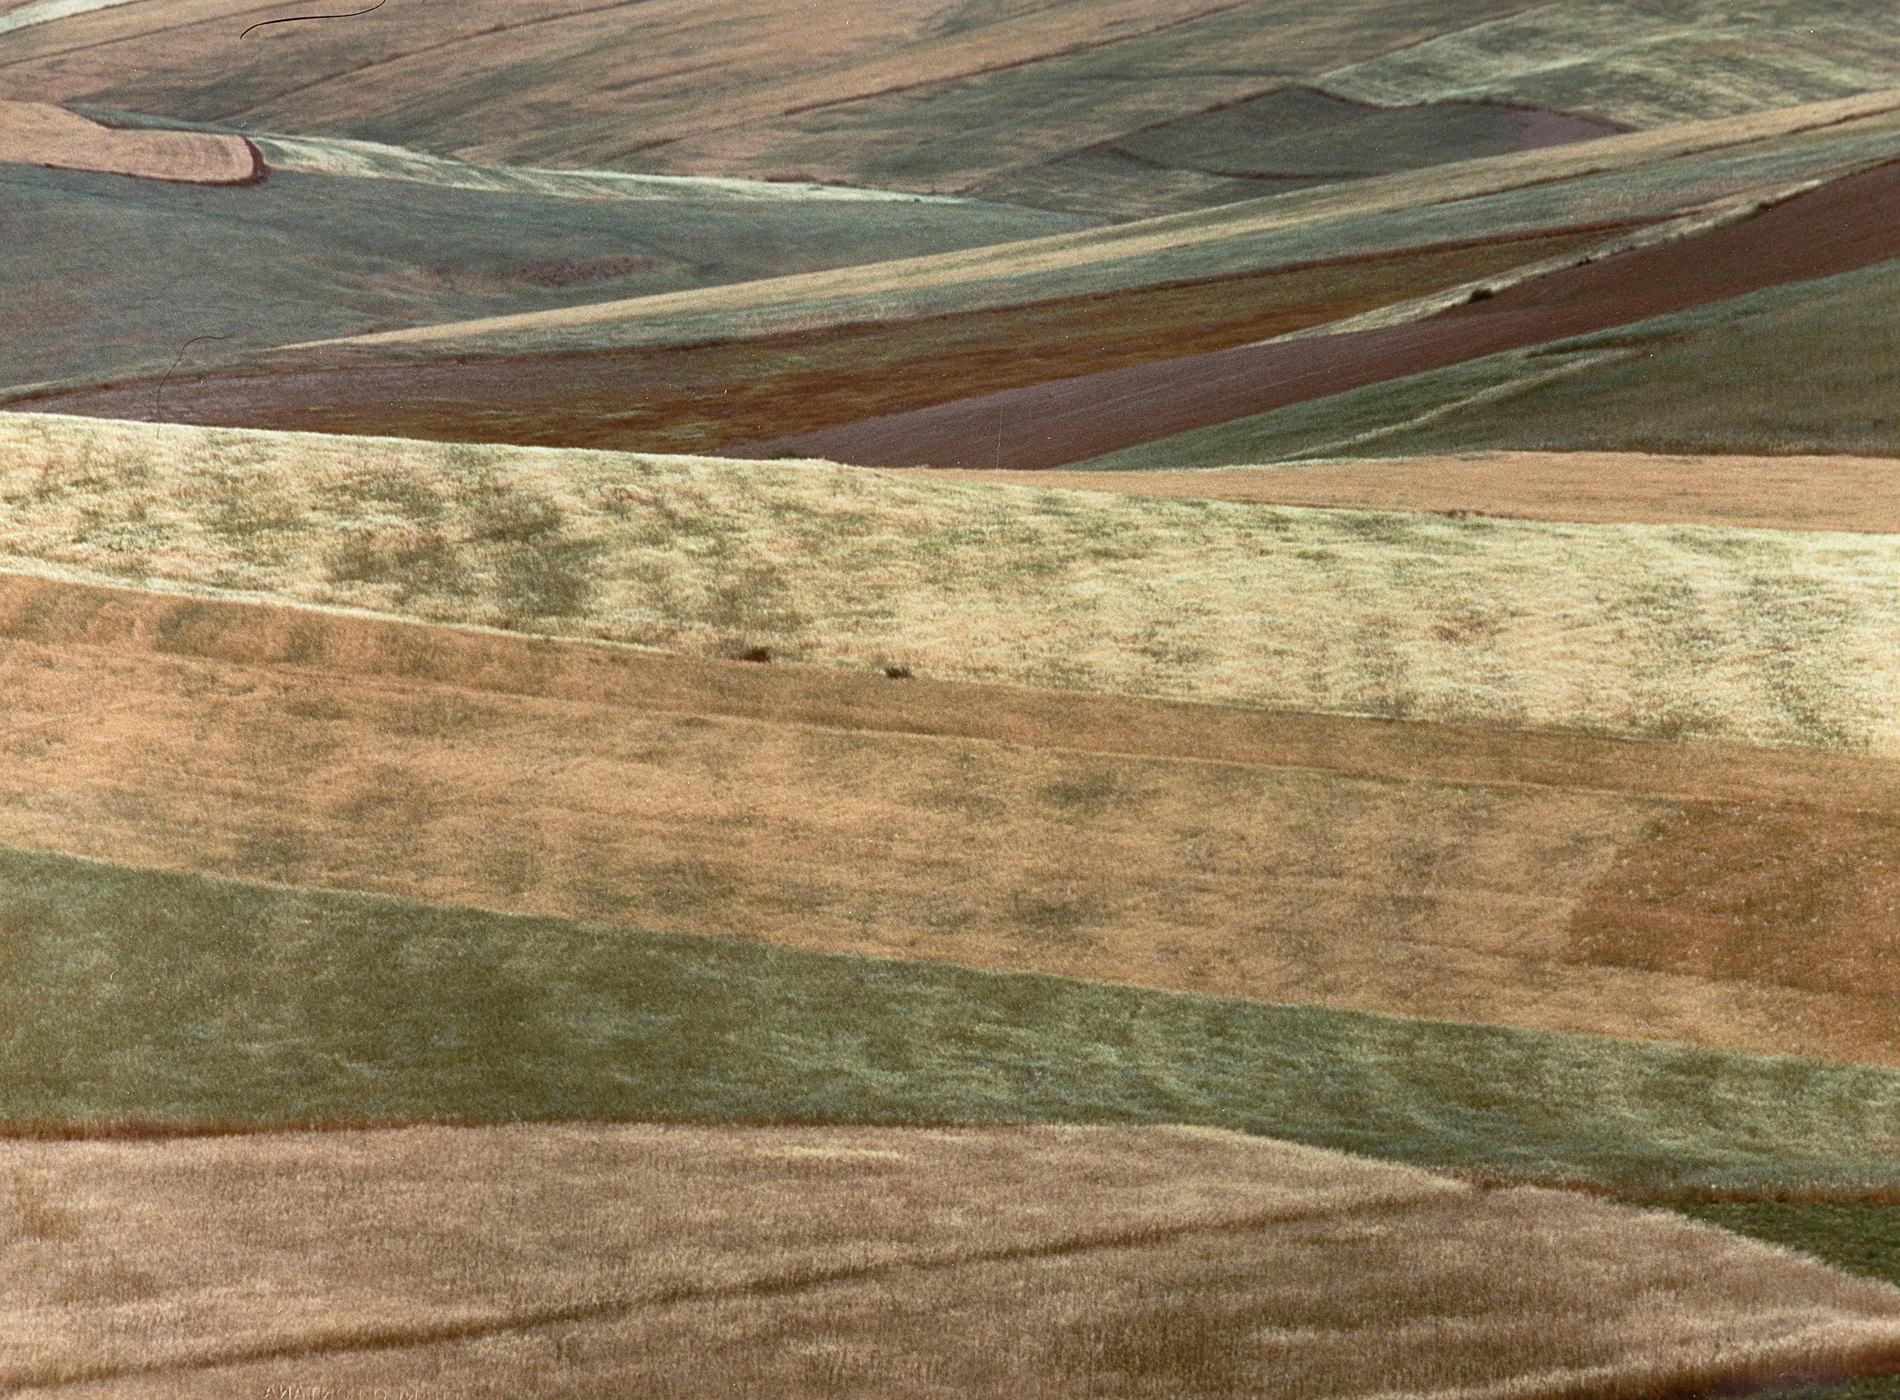 Franco Fontana Photographie Paesaggio 1994